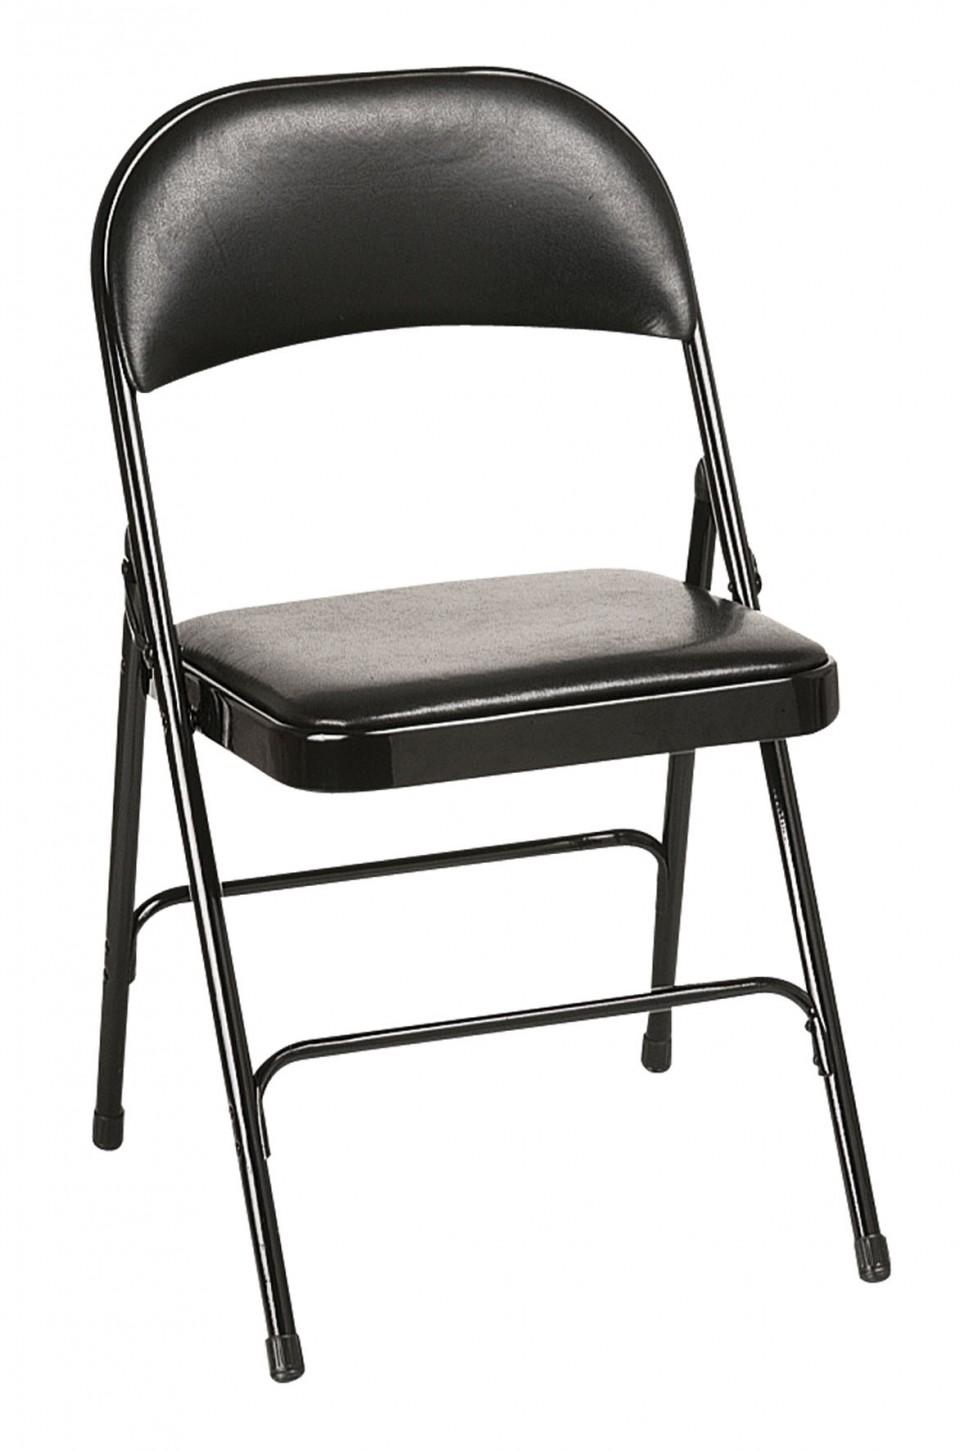 Chaise pliante plius vinyl achat chaises pliantes 29 00 for Chaise de bureau pliante